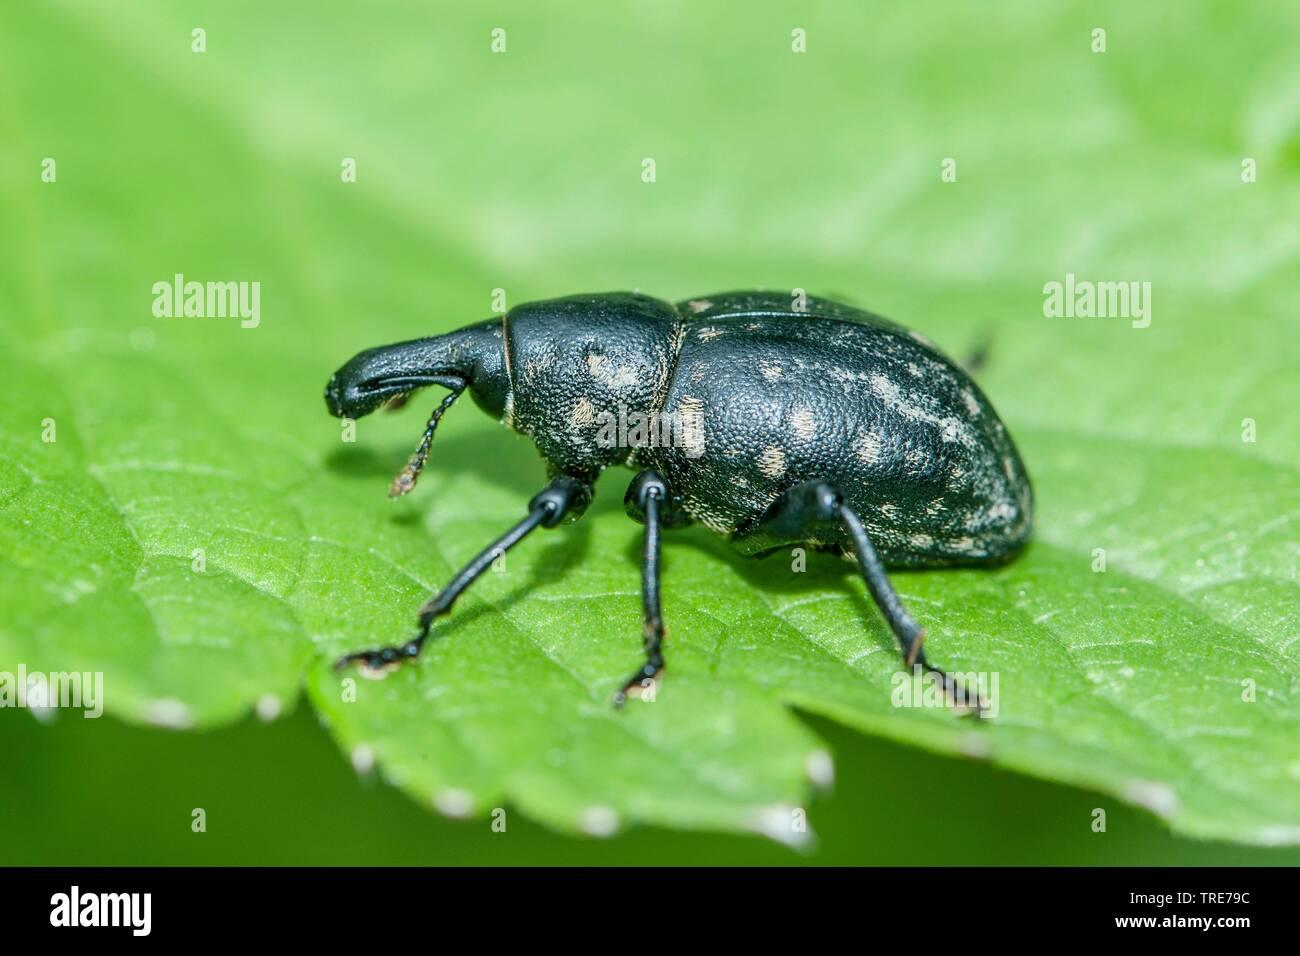 Kleiner Pestwurzruessler, Kleiner Pestwurz-Ruessler, Deutscher Traegruessler (Liparus germanus), sitzt auf einem Blatt, Deutschland | Weevil (Liparus - Stock Image